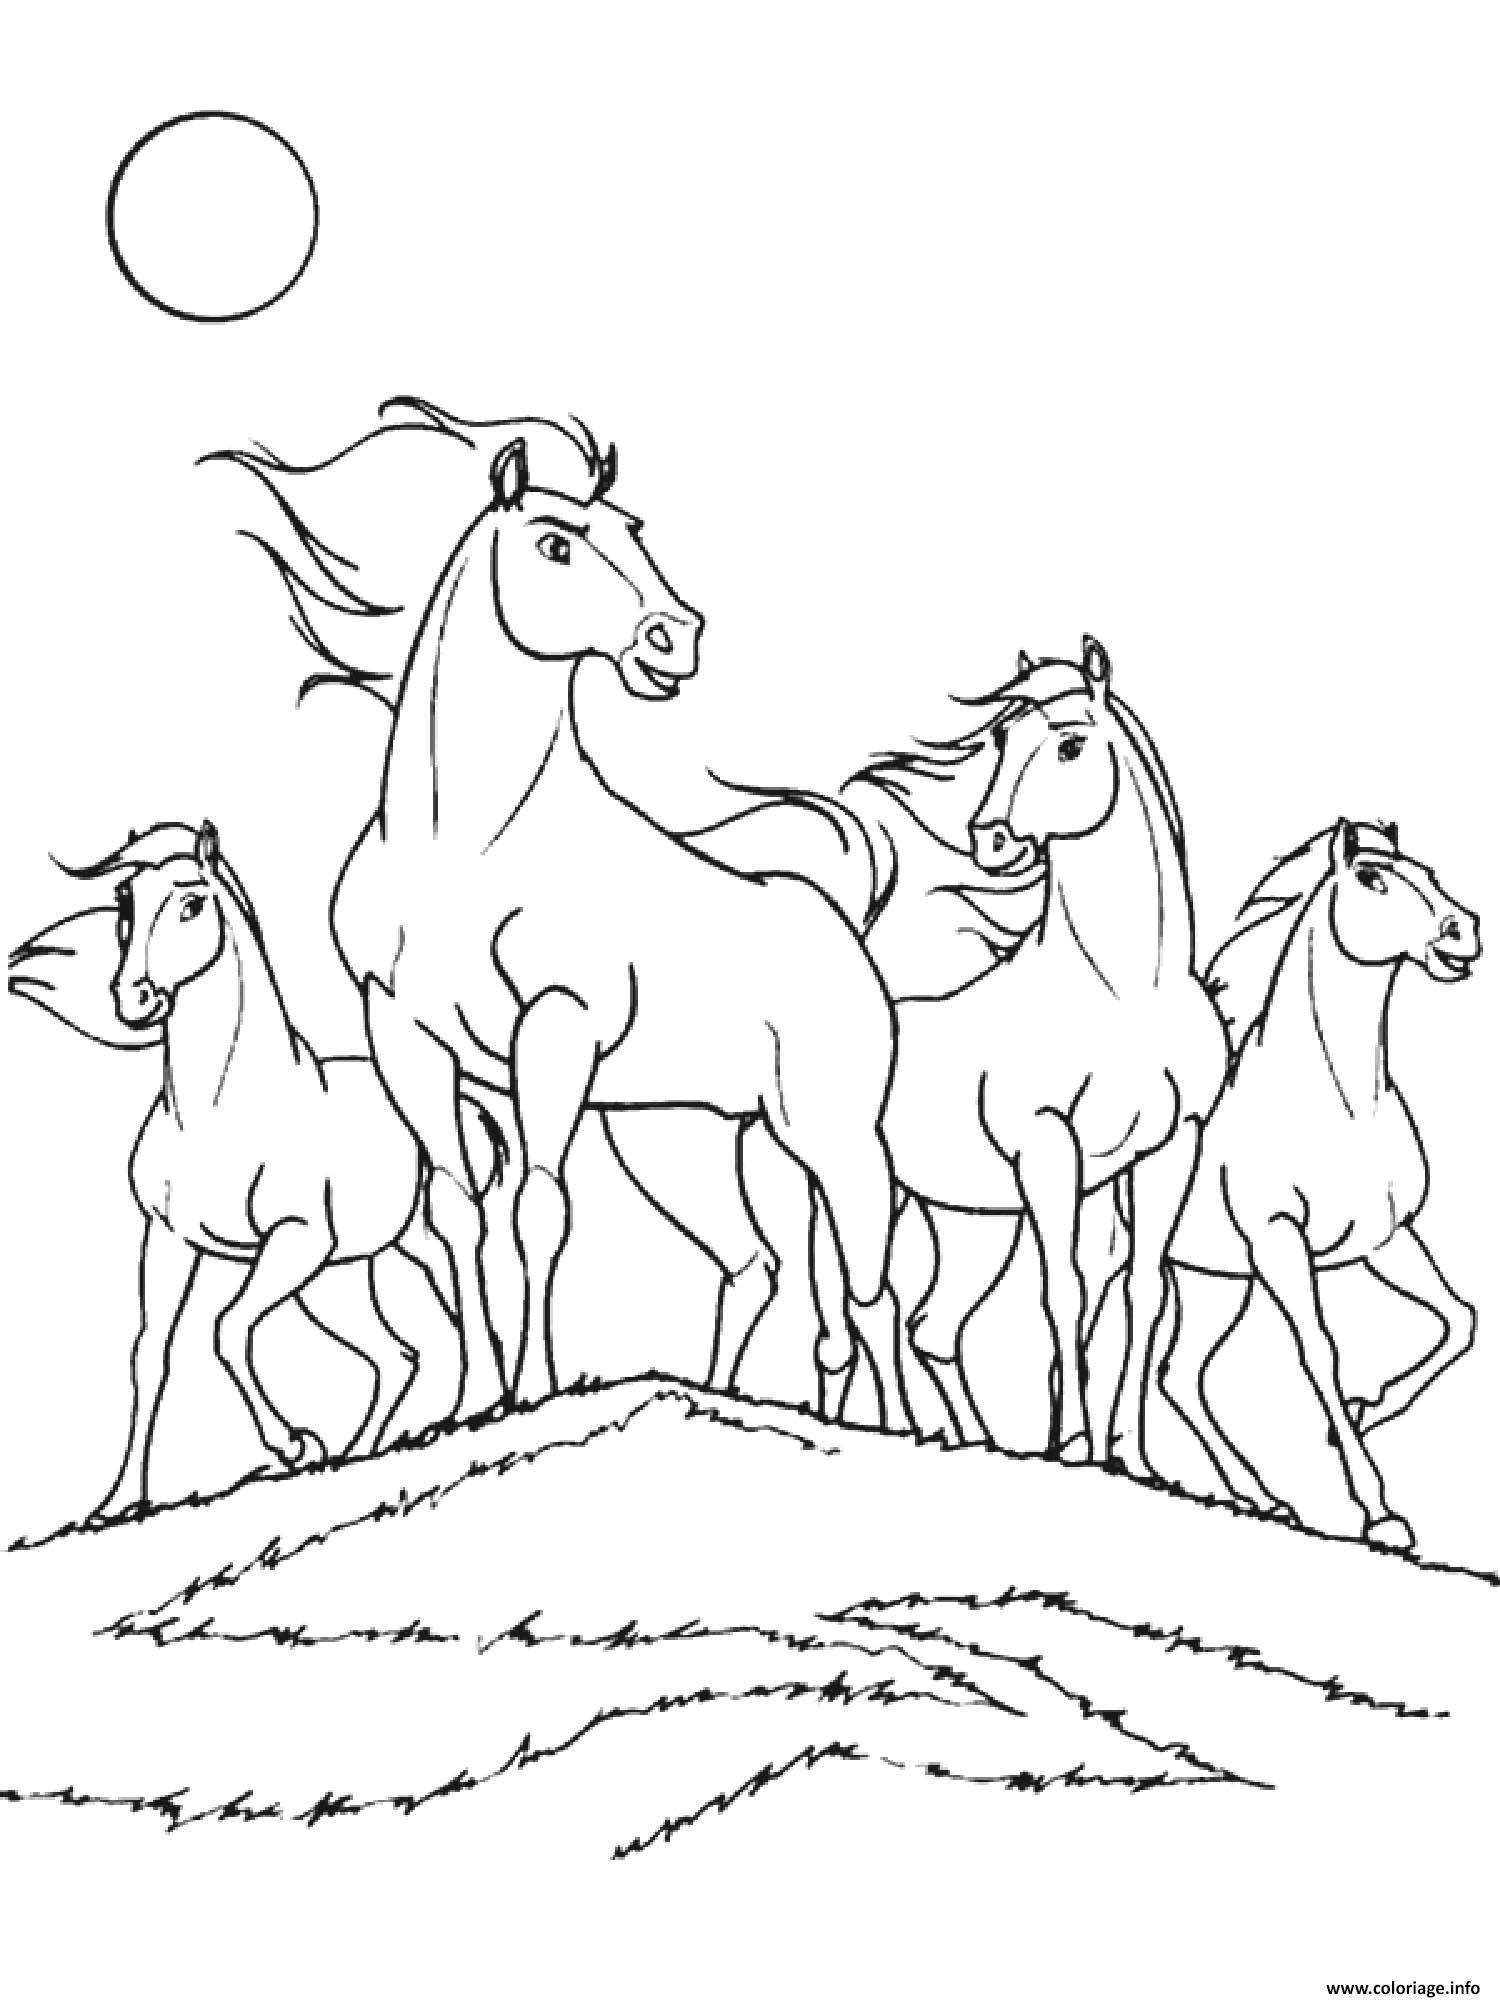 Dessin chevaux spirit cheval mustang sauvage amerique du nord Coloriage Gratuit à Imprimer